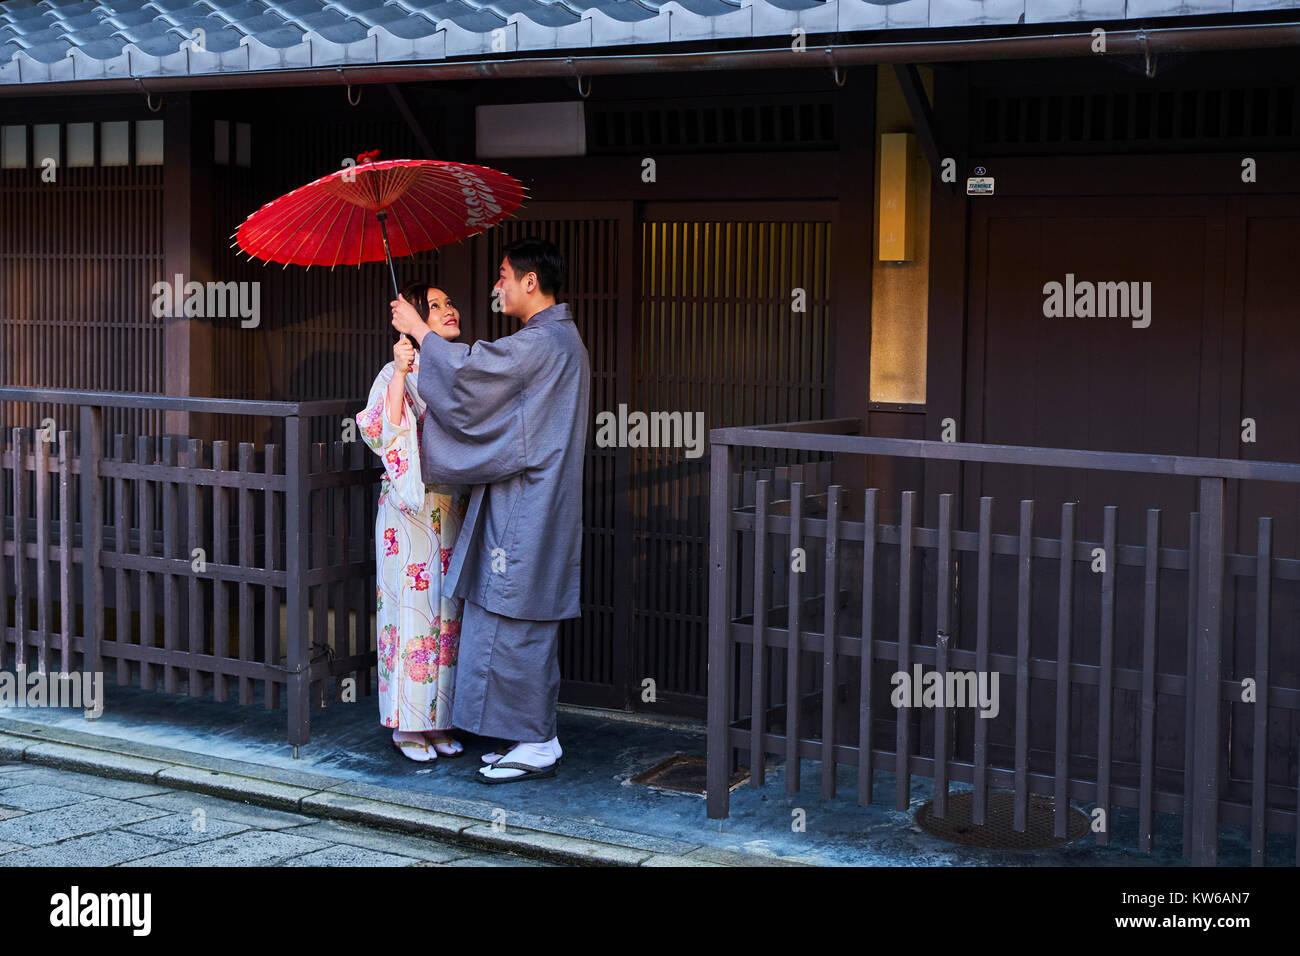 Le Japon, l'île de Honshu, région du Kansai, Kyoto, Geisha de Gion, ancien salon, jeune couple en Photo Stock